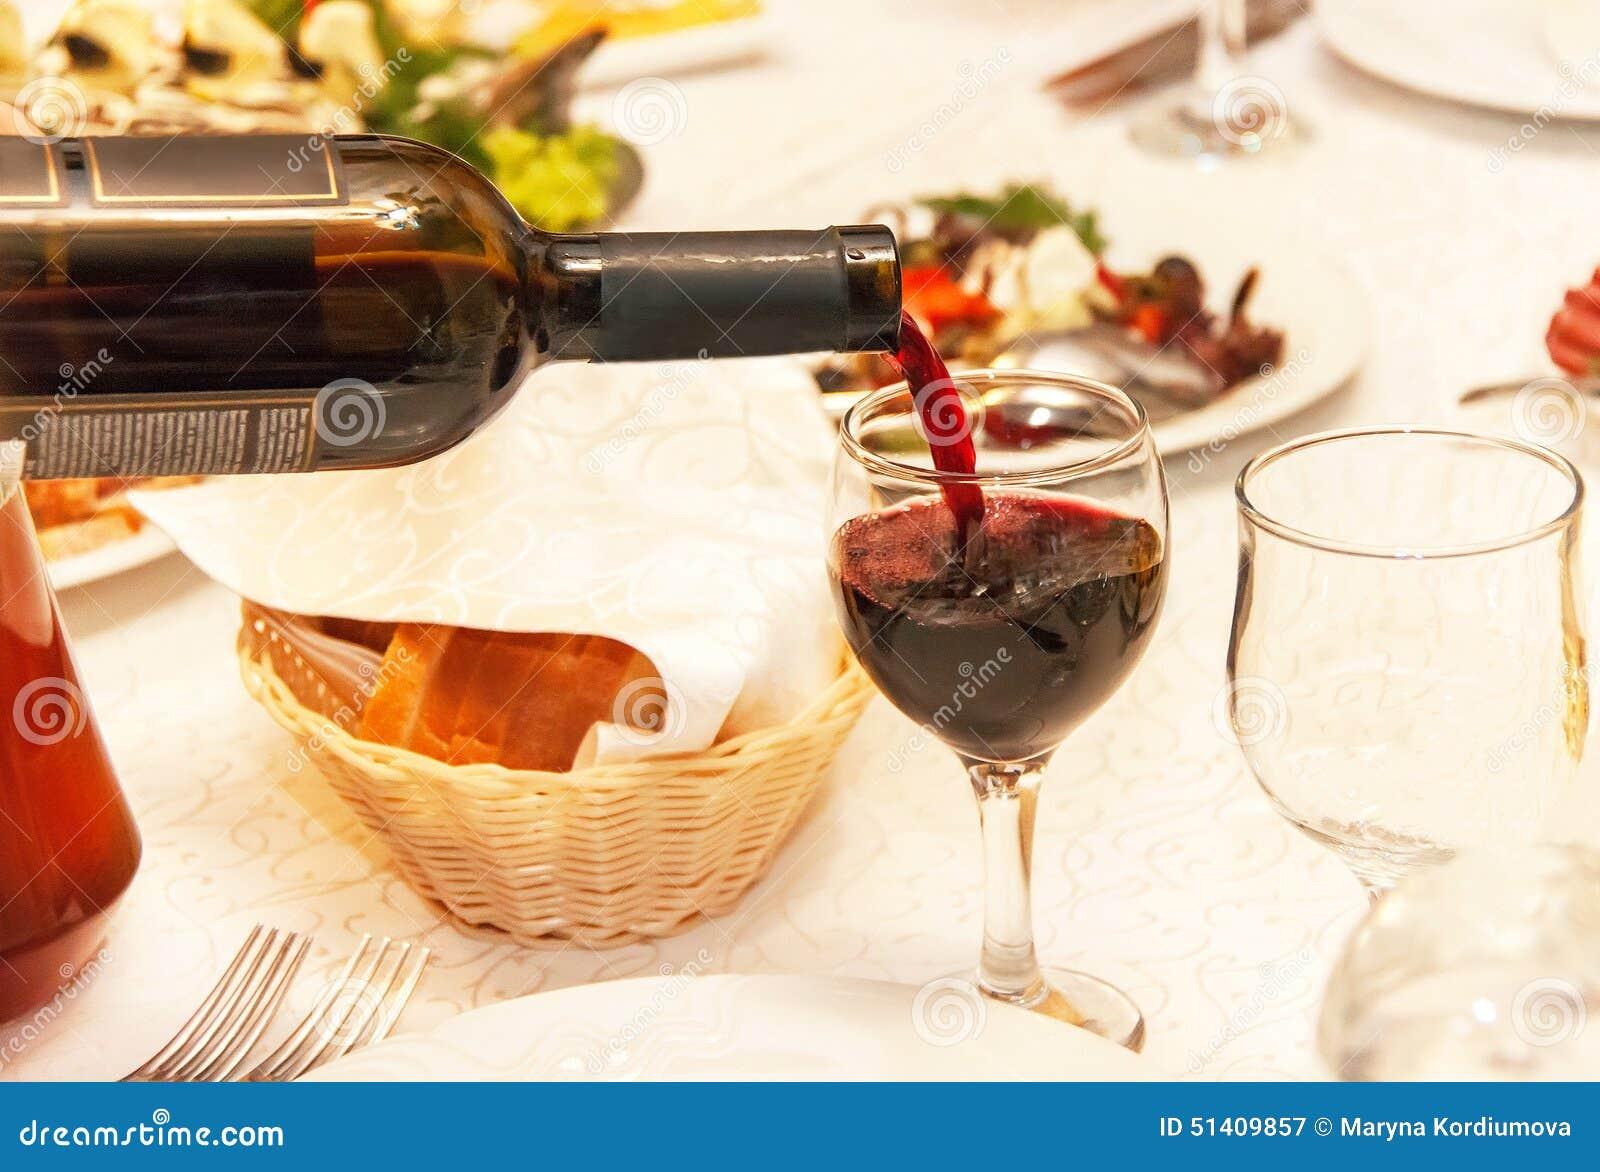 rotwein der auf dem tisch in ein weinglas diese stellung gie t stockfoto bild 51409857. Black Bedroom Furniture Sets. Home Design Ideas